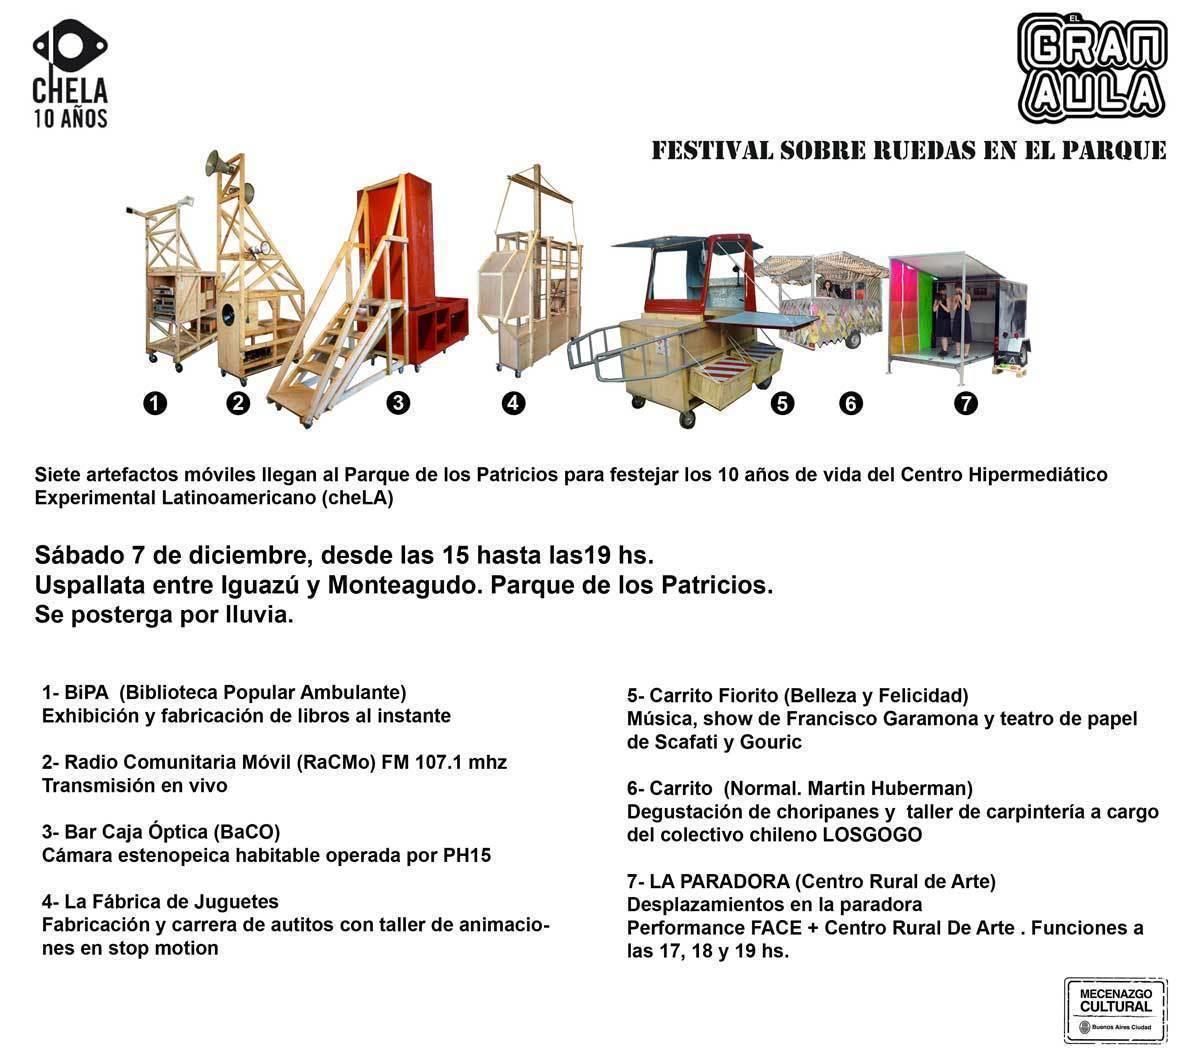 ARQA - El Gran Aula: Festival sobre ruedas en el parque